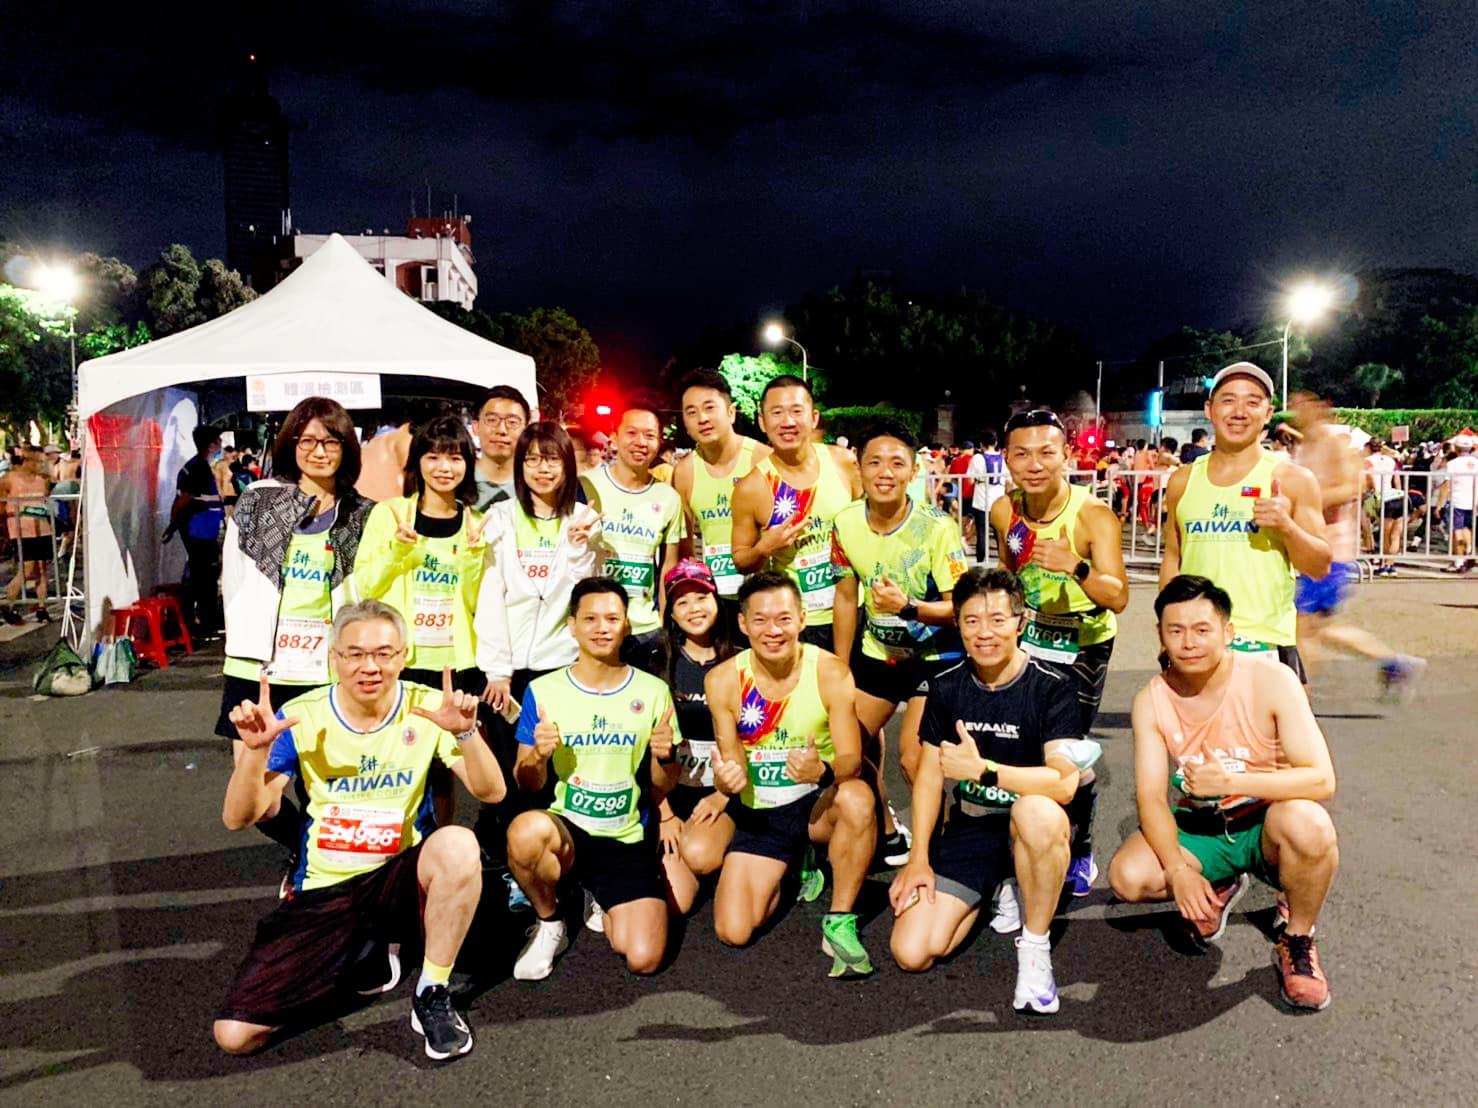 ▍ 耕建築 / 台北起跑-長榮半程馬拉松